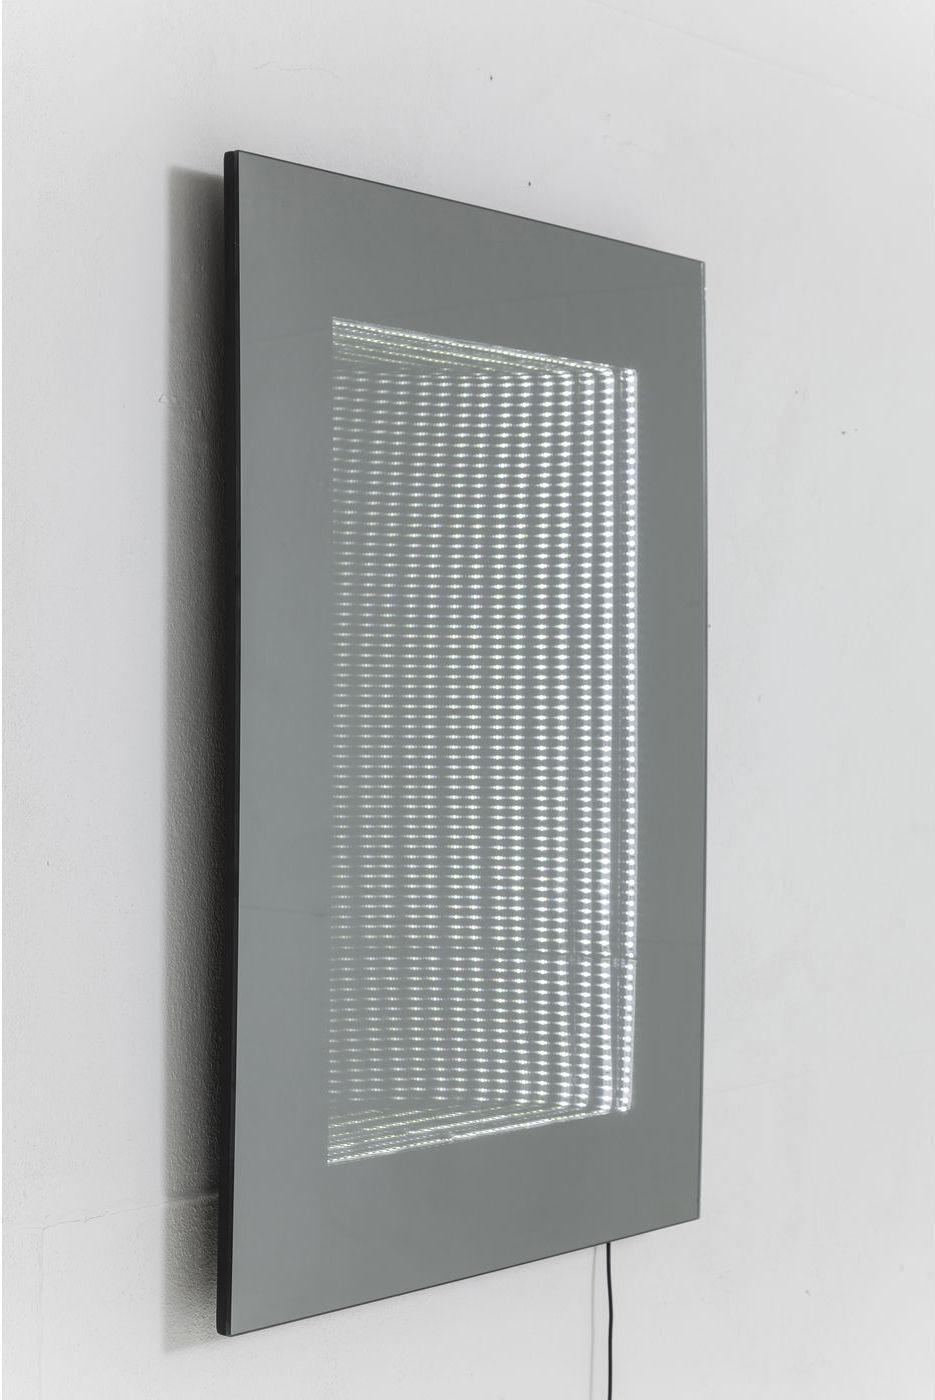 spiegel tube 80x60cm led kare design kaufen wohn und lifestylewebshop. Black Bedroom Furniture Sets. Home Design Ideas